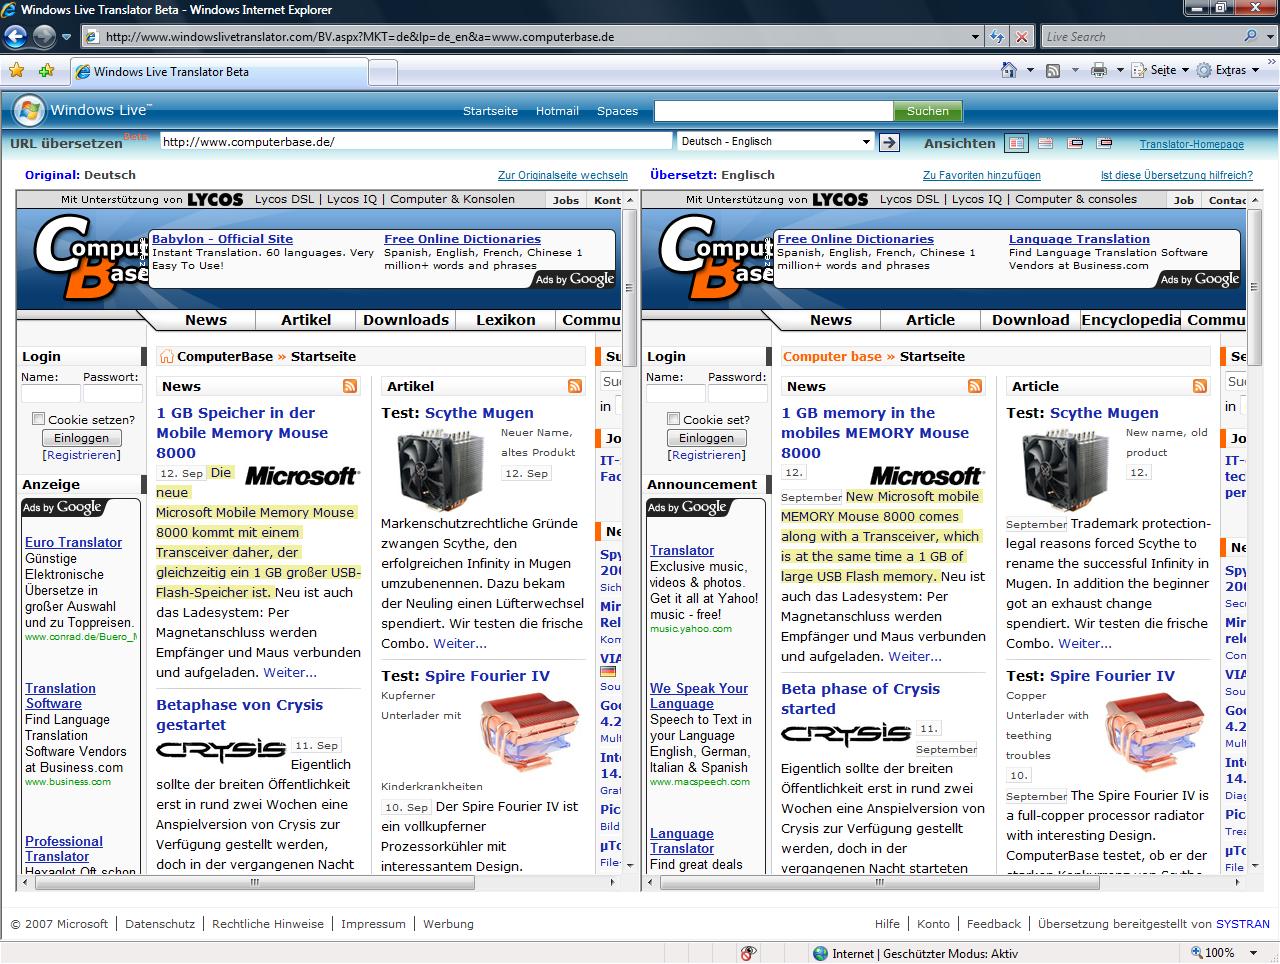 Windows Live Translator mit Darstellung nebeneinander